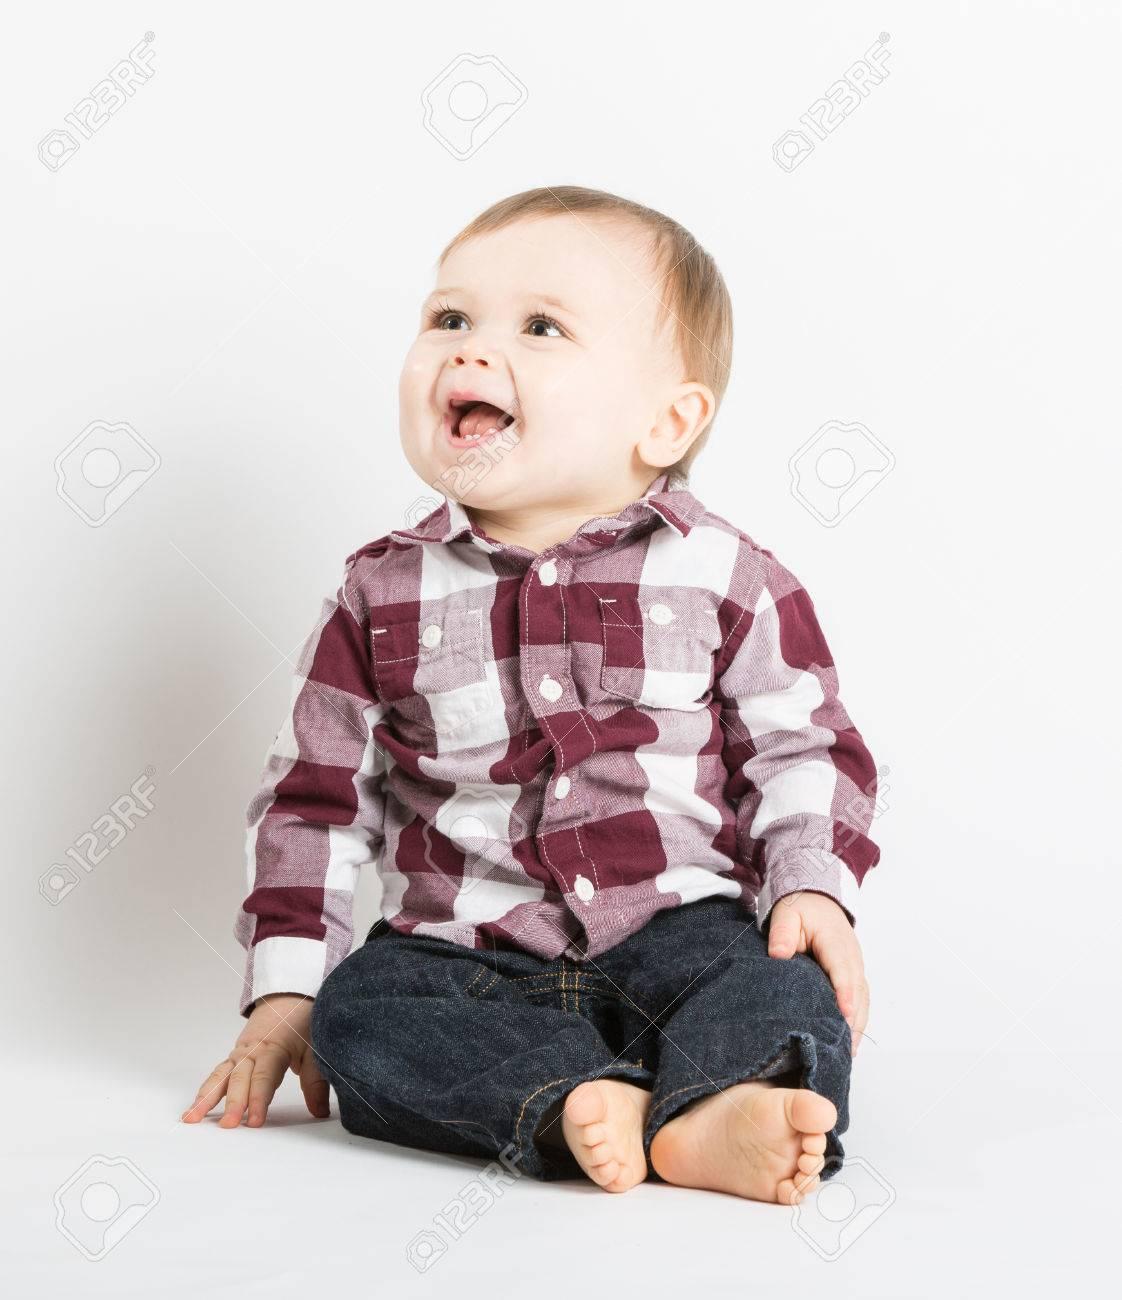 Foto de archivo - Un bebé de 1 año linda se sienta en el estudio blanco con  pantalones vaqueros y un rojo de franela blancos mirando y riendo fuera de  ... f0a70e11abd